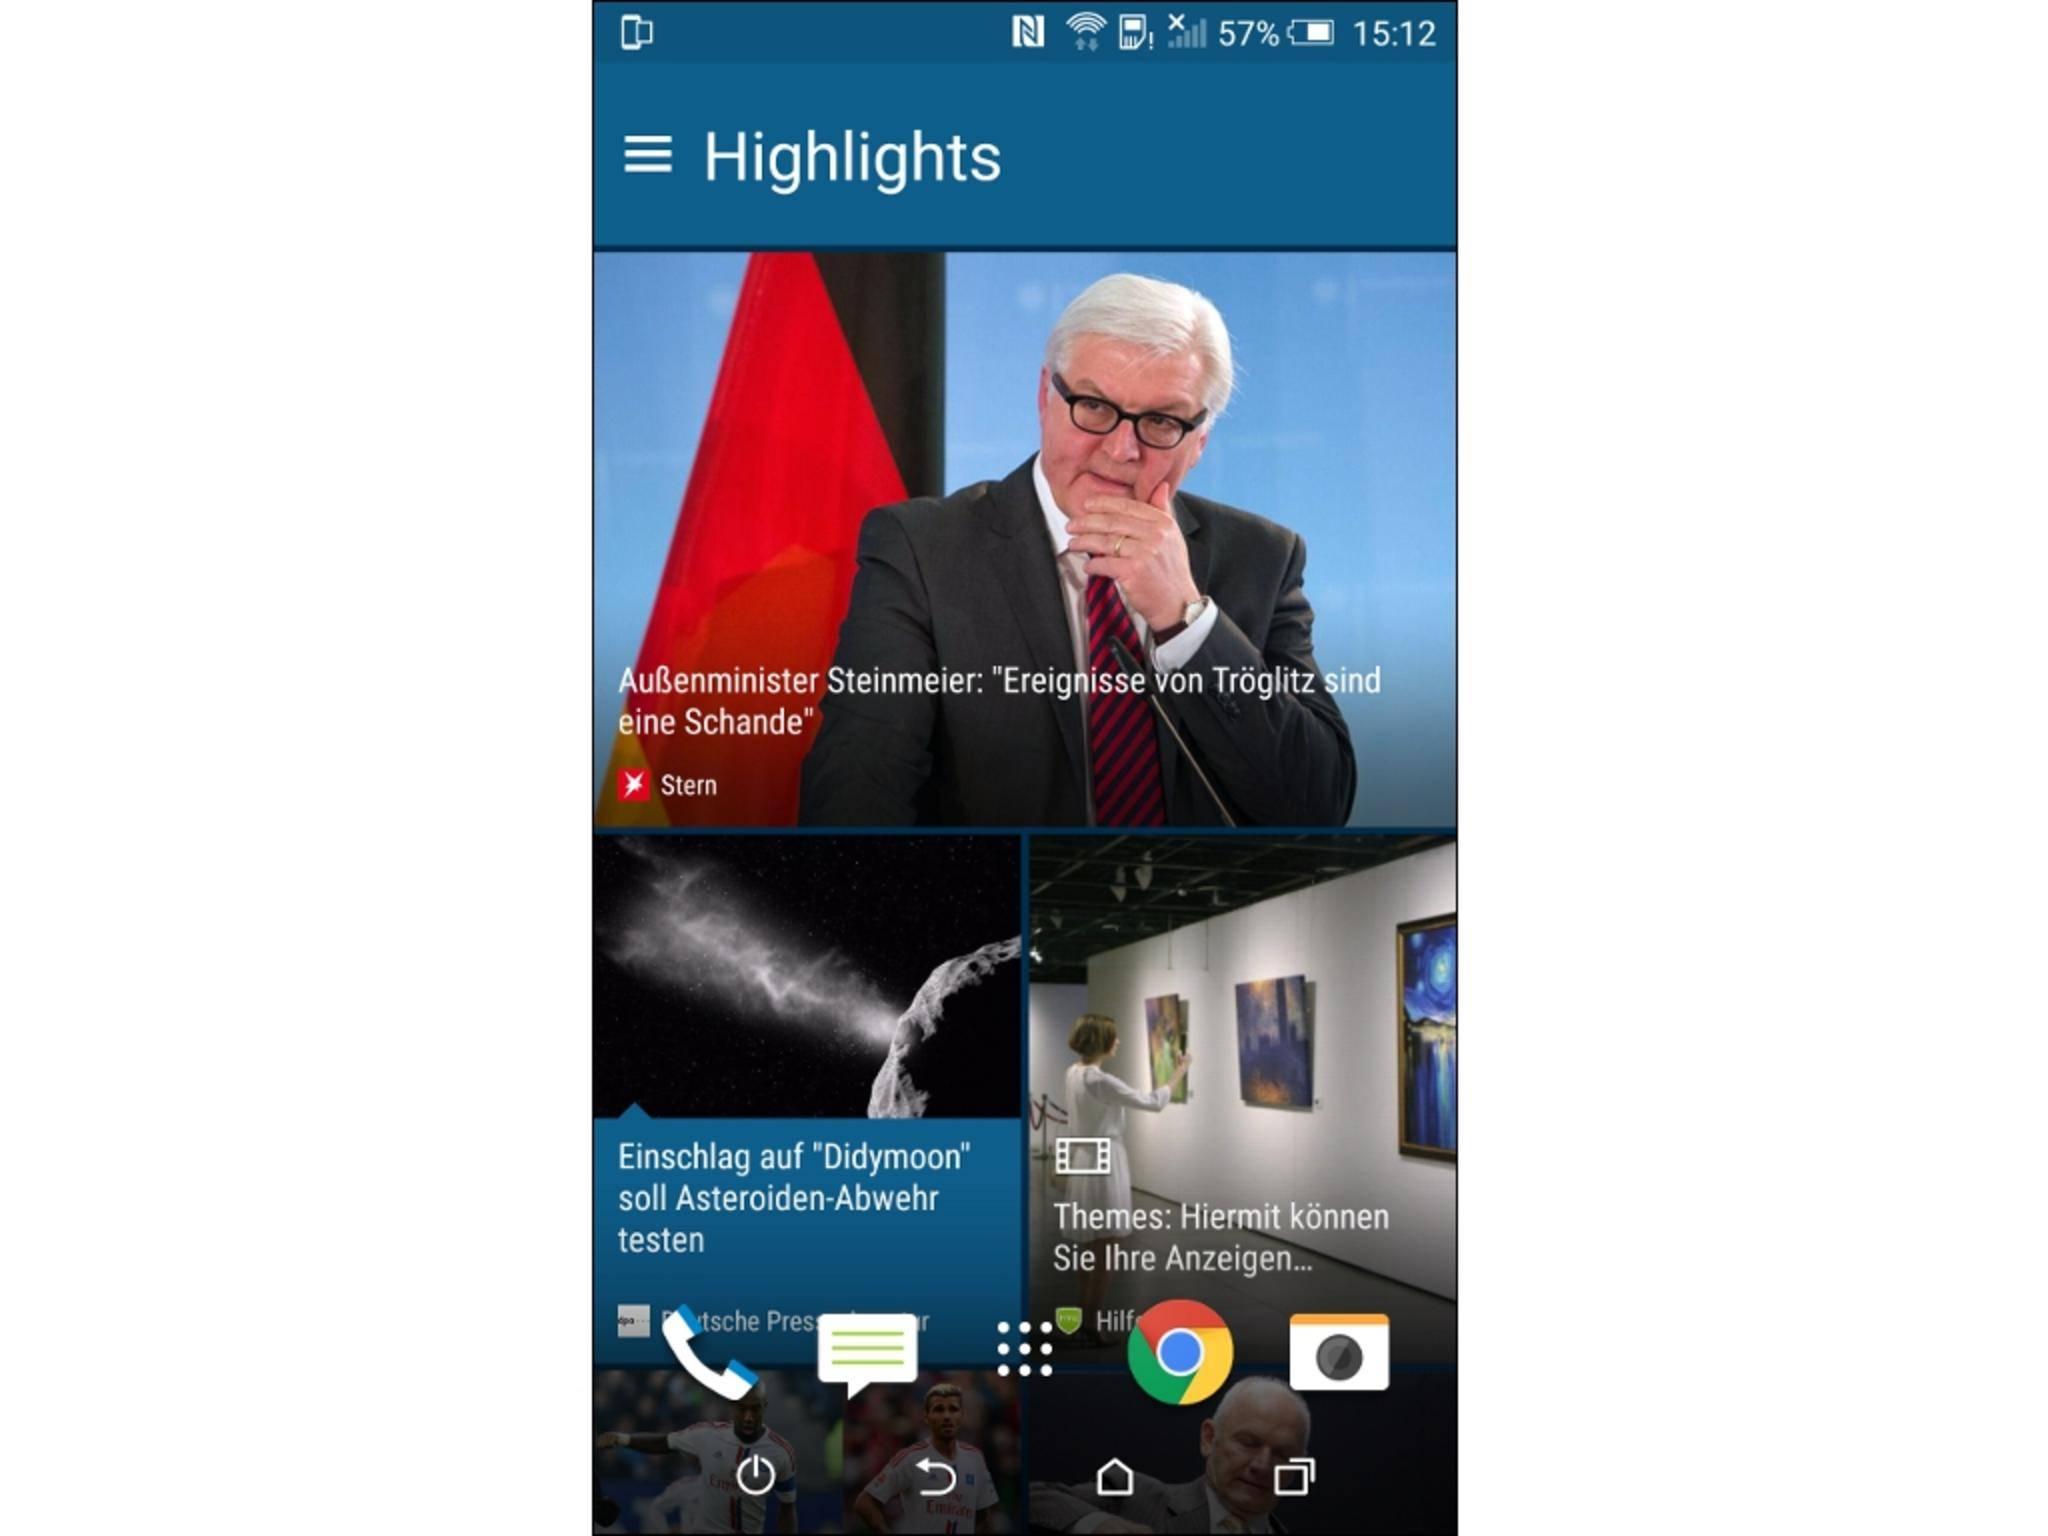 Der Blinkfeed zeigt Dir aktuelle Nachrichten, Kalendereinträge und andere Neuigkeiten an.